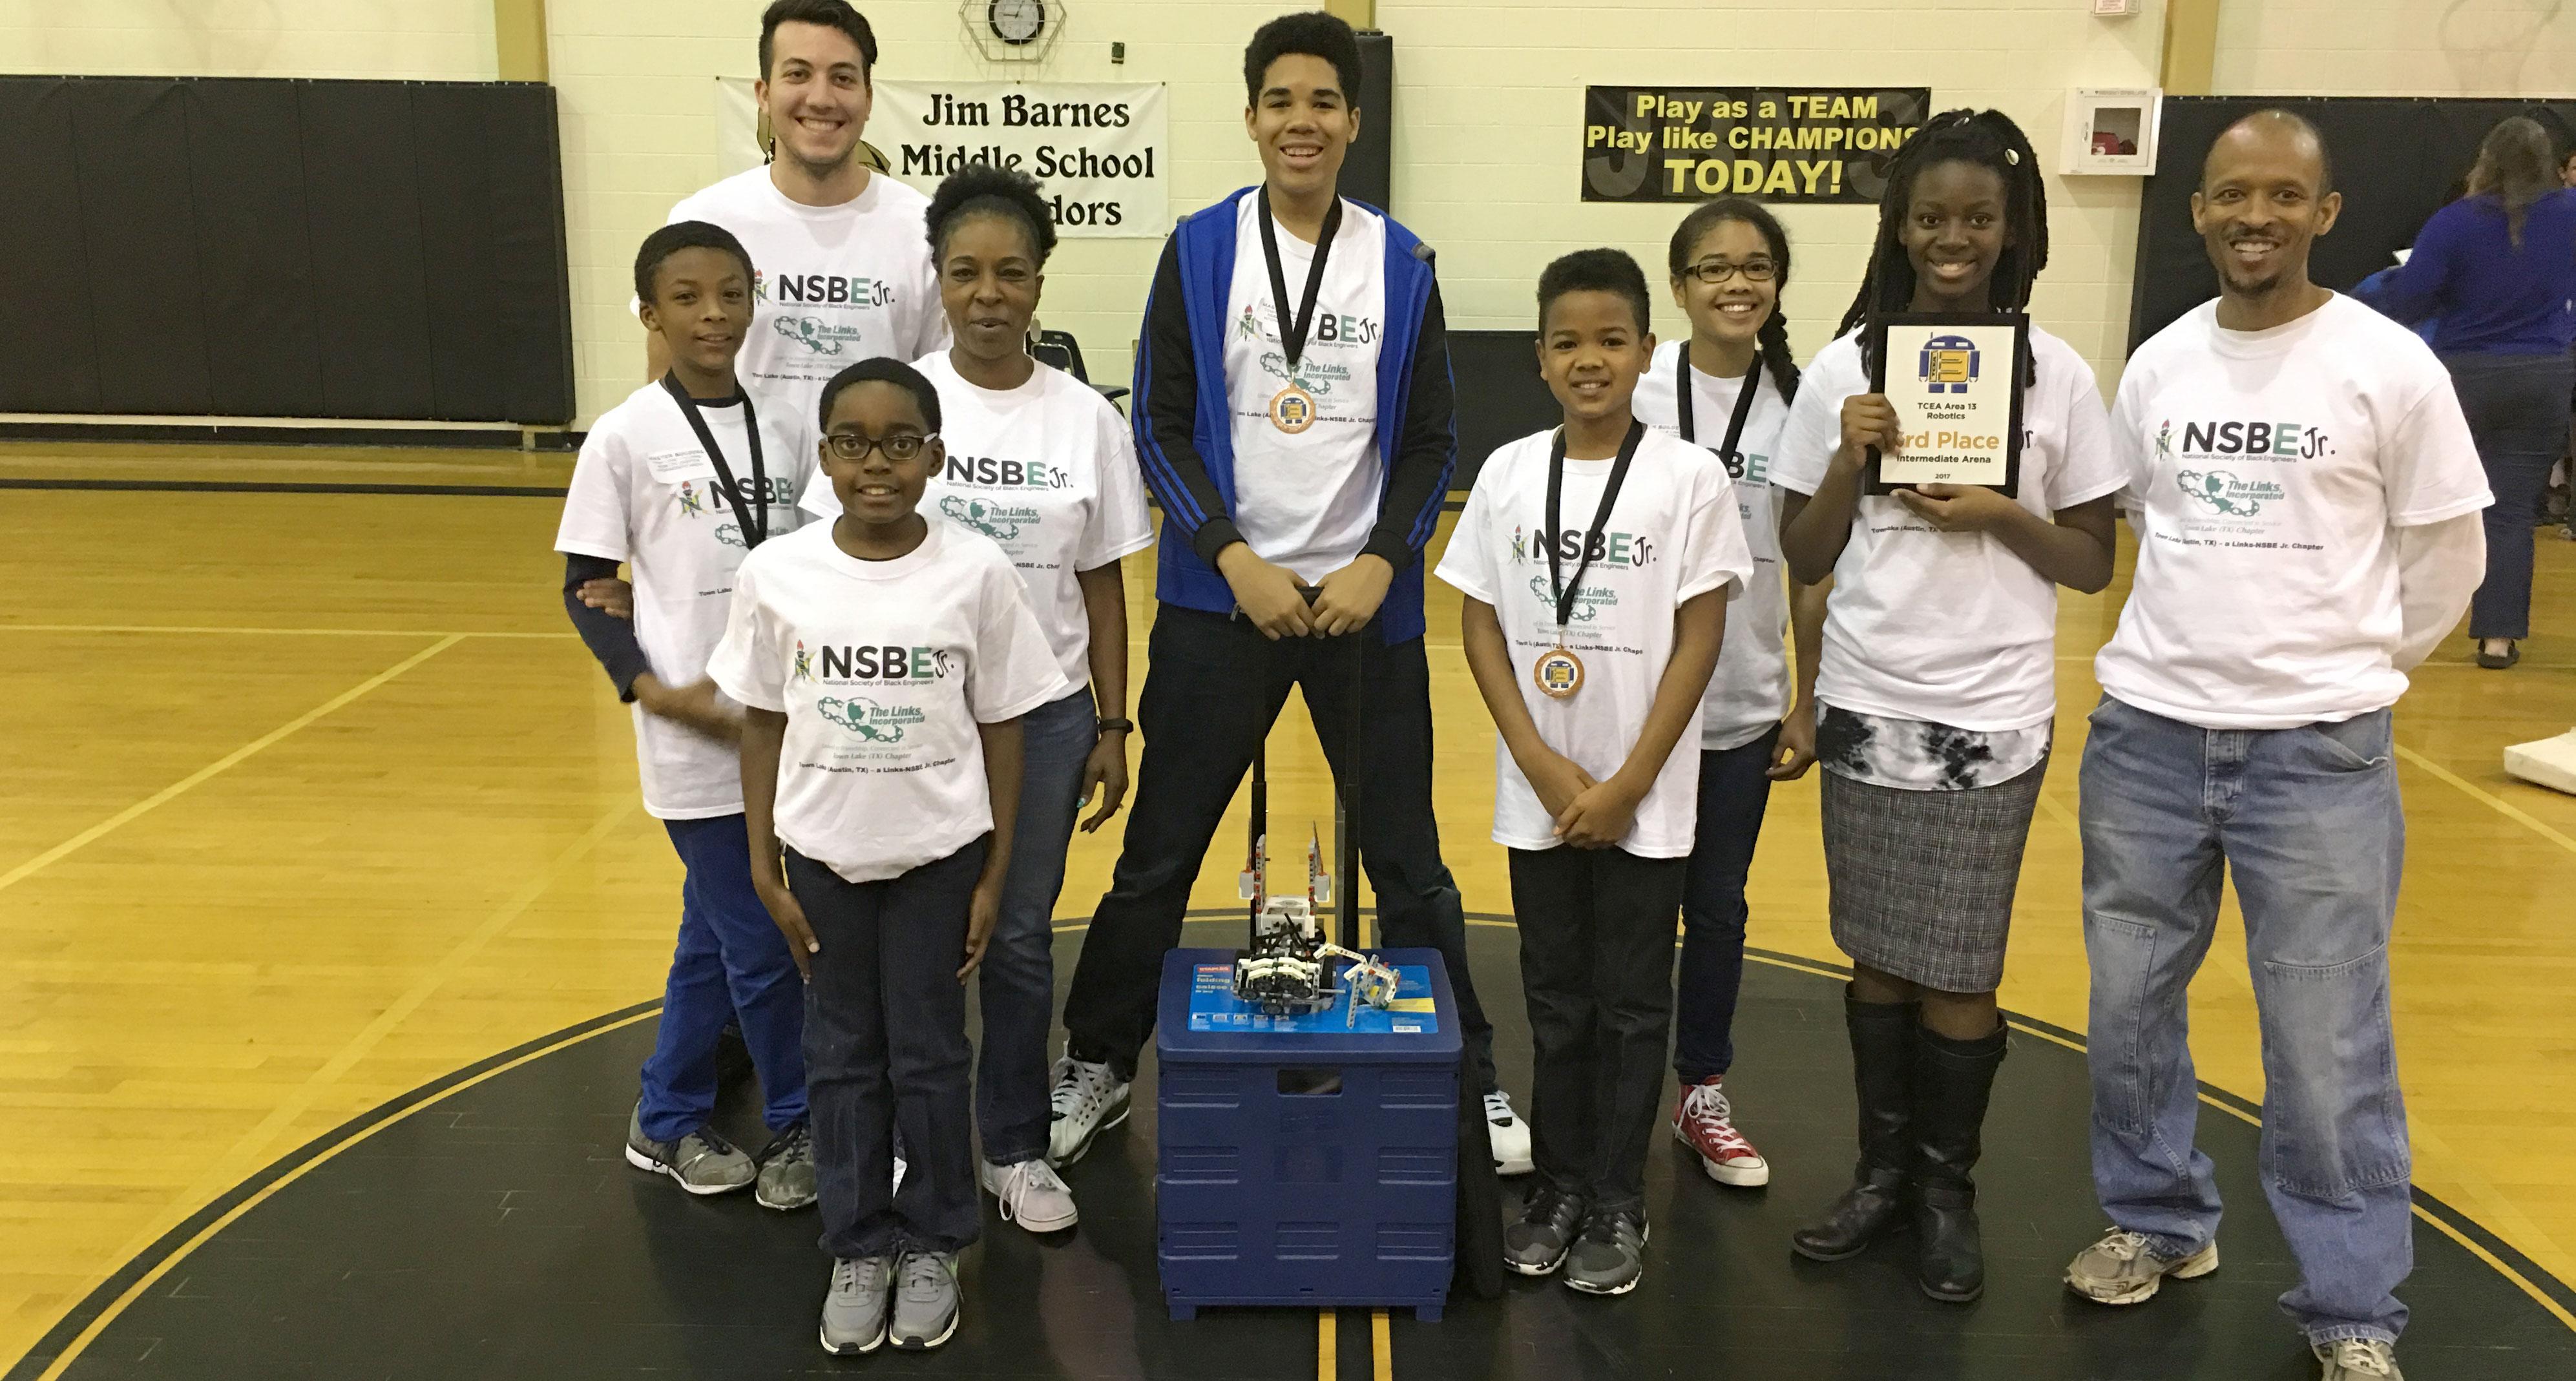 NSBE Jr. Robotics